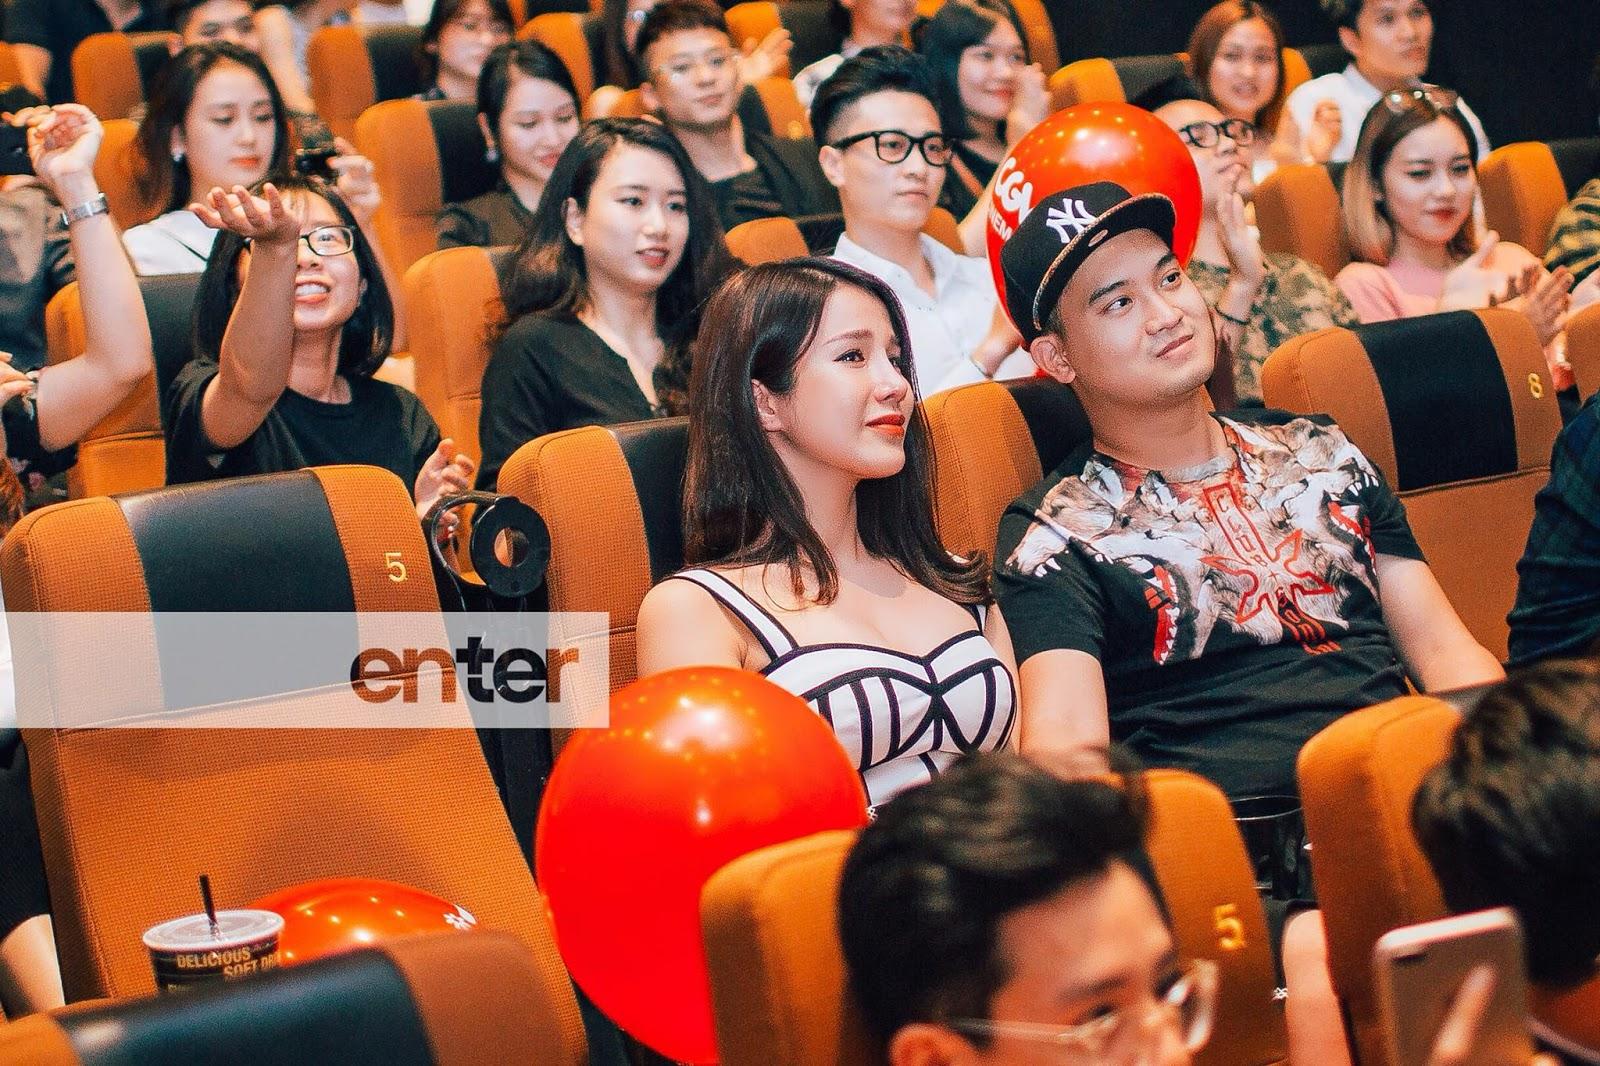 Diệp Lâm Anh: Hành trình tìm chỗ đứng trong showbiz và cái kết viên mãn với chồng thiếu gia -12